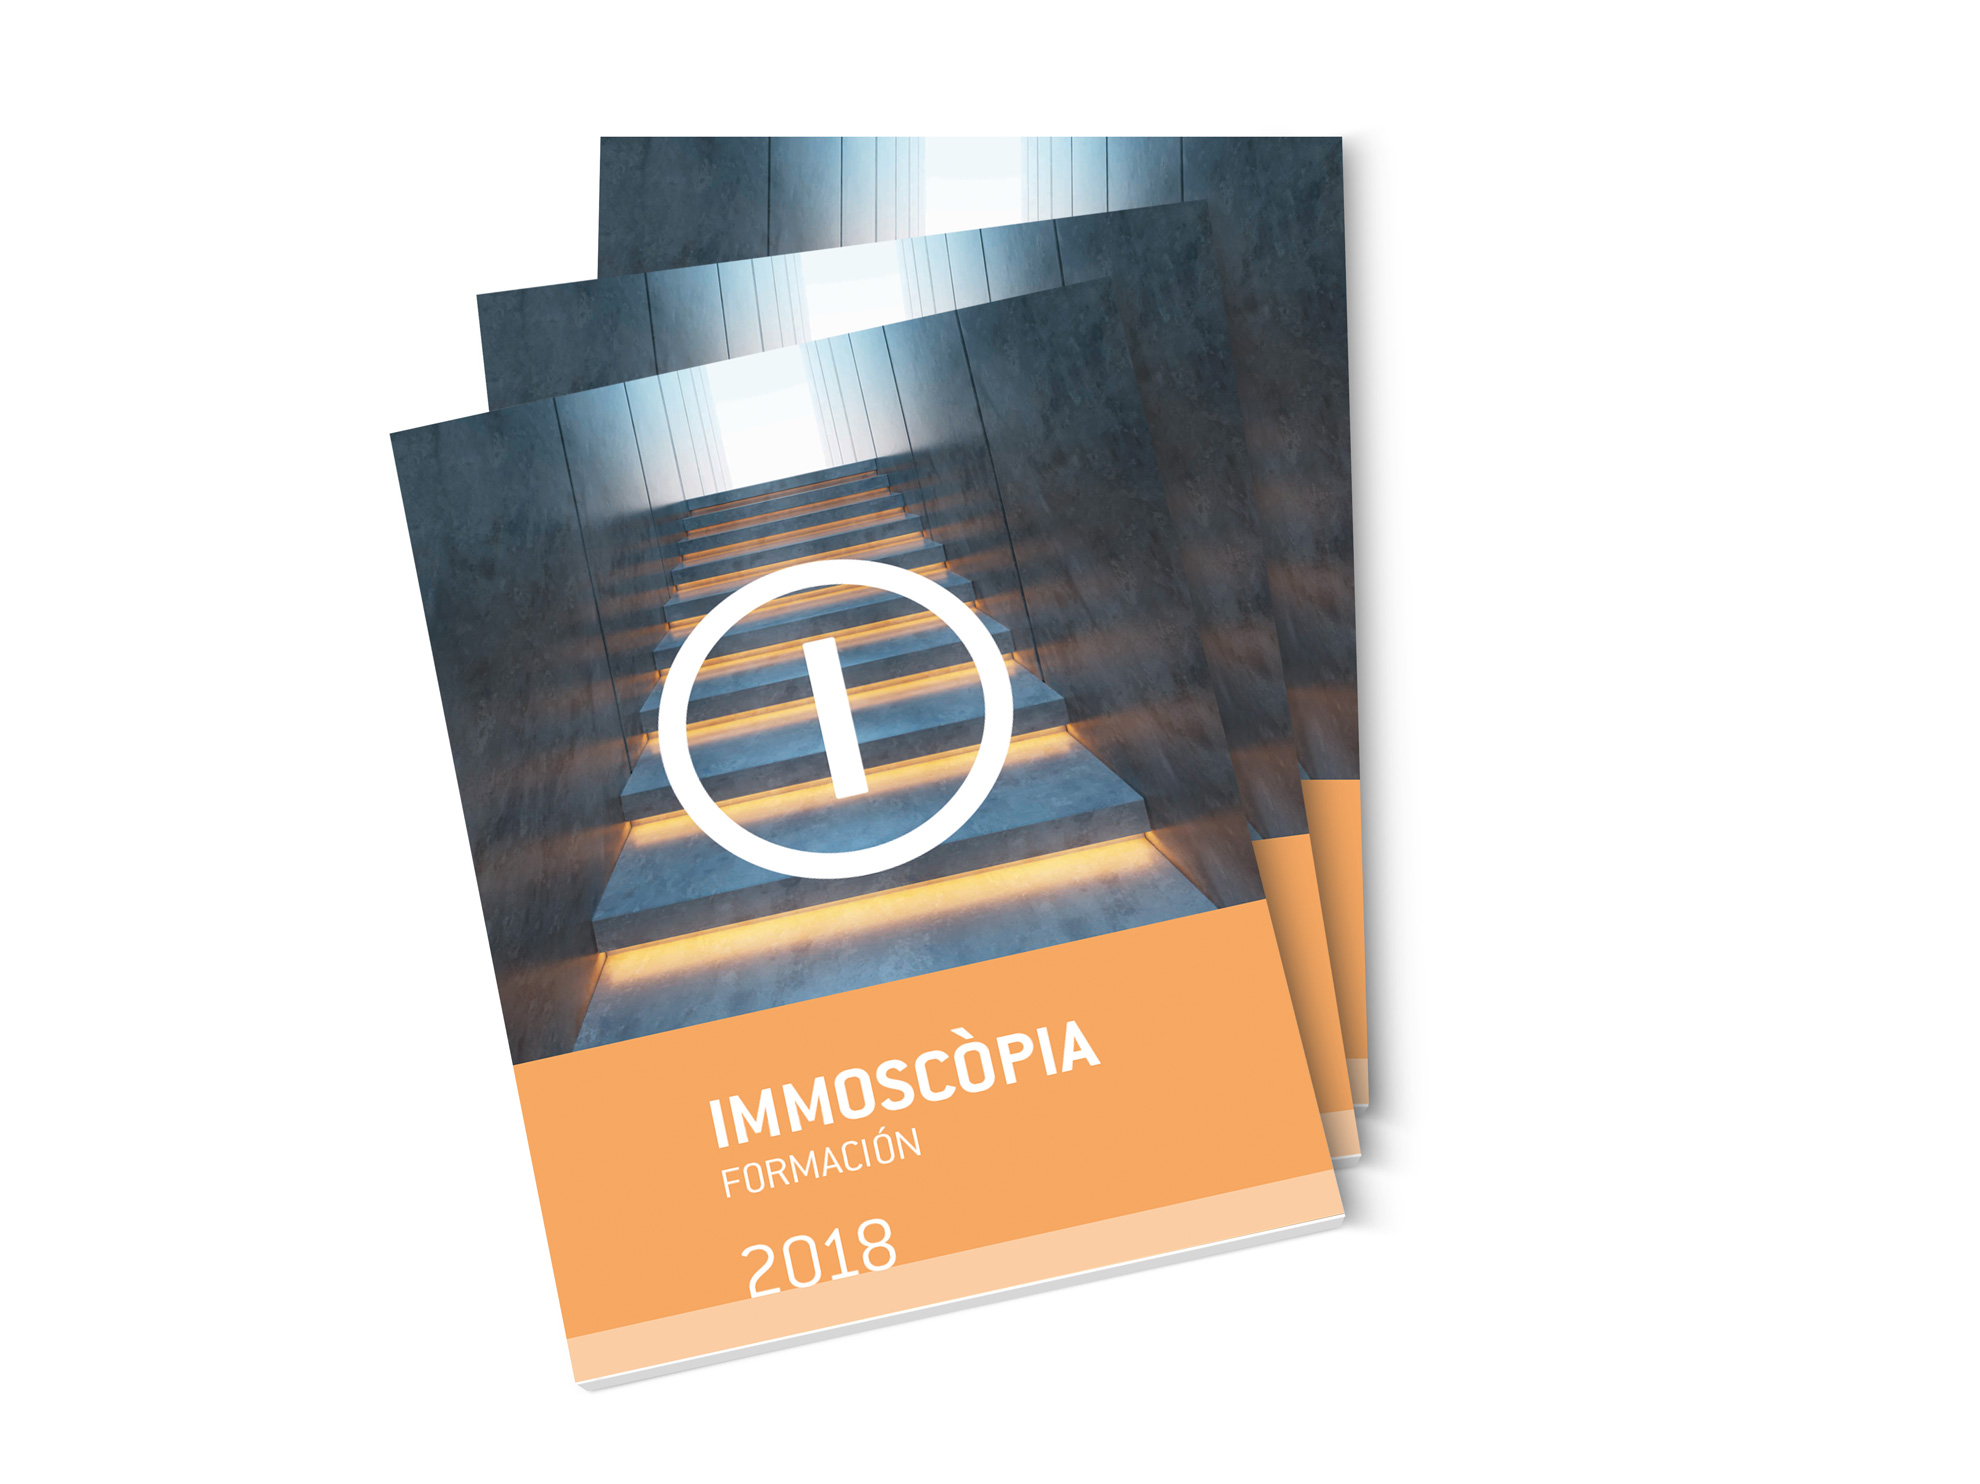 immoscopia-catalogo